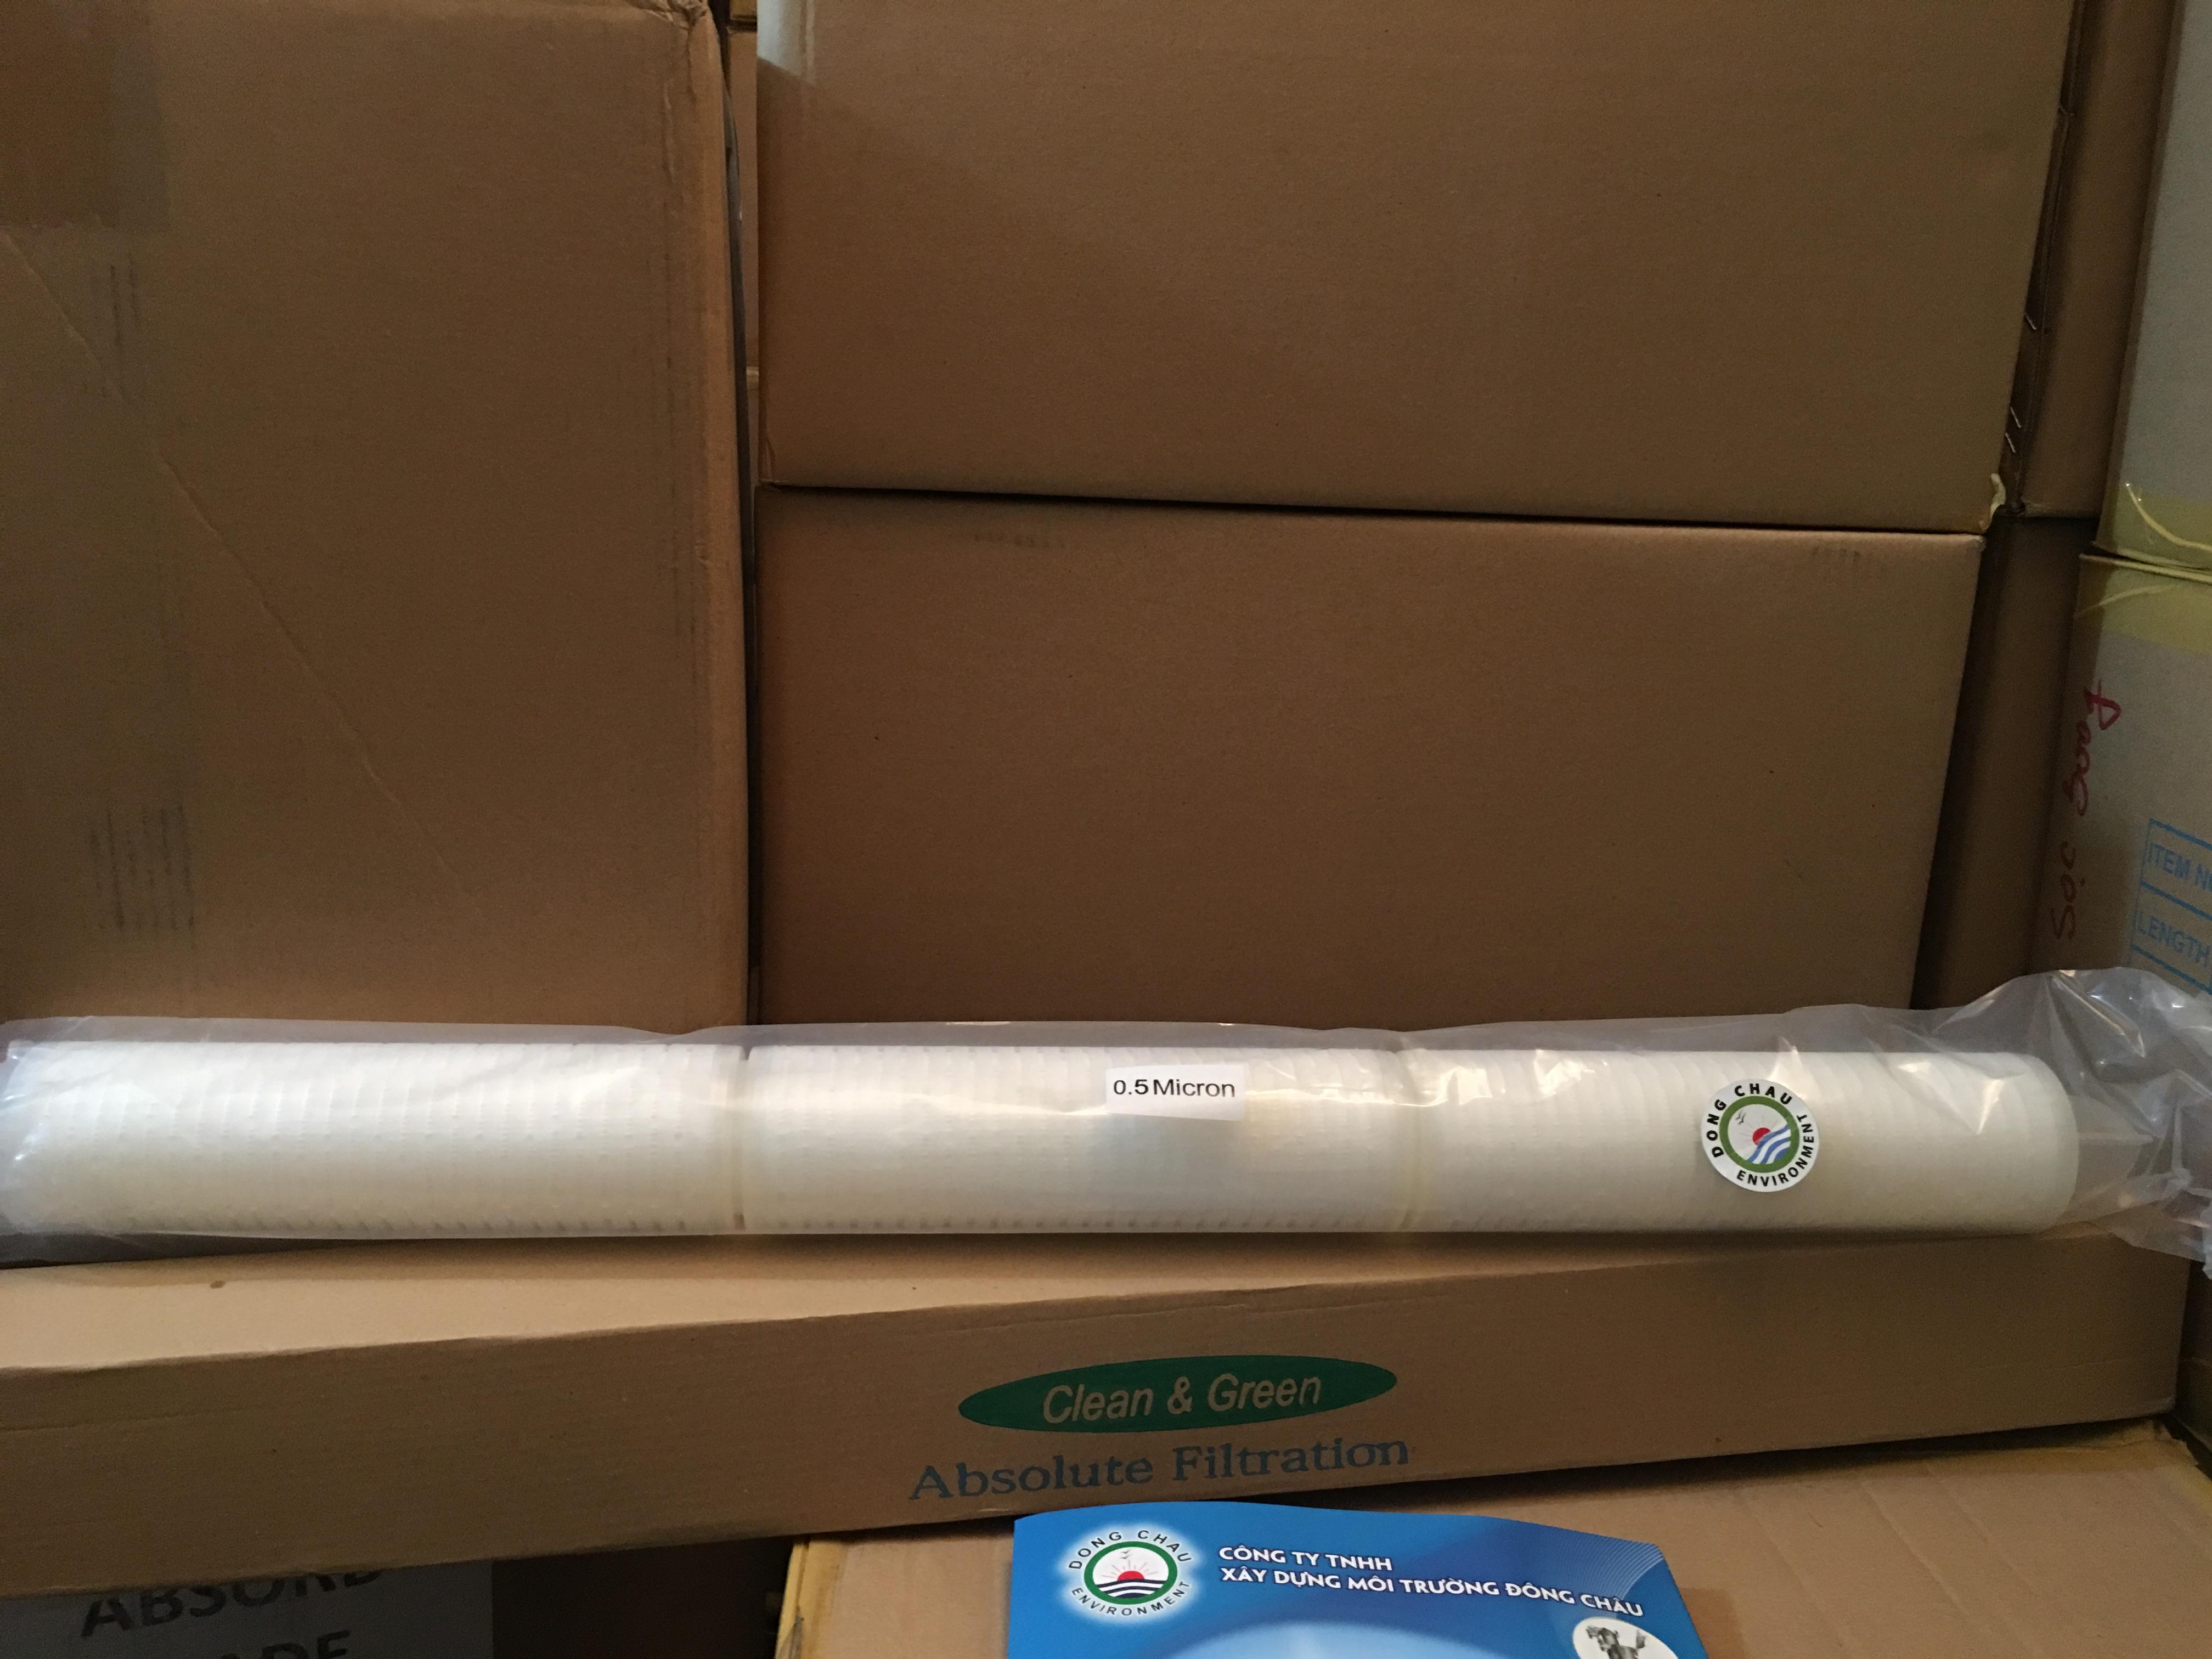 Lõi lọc giấy xếp 0.5 micron 30 inch oring 226